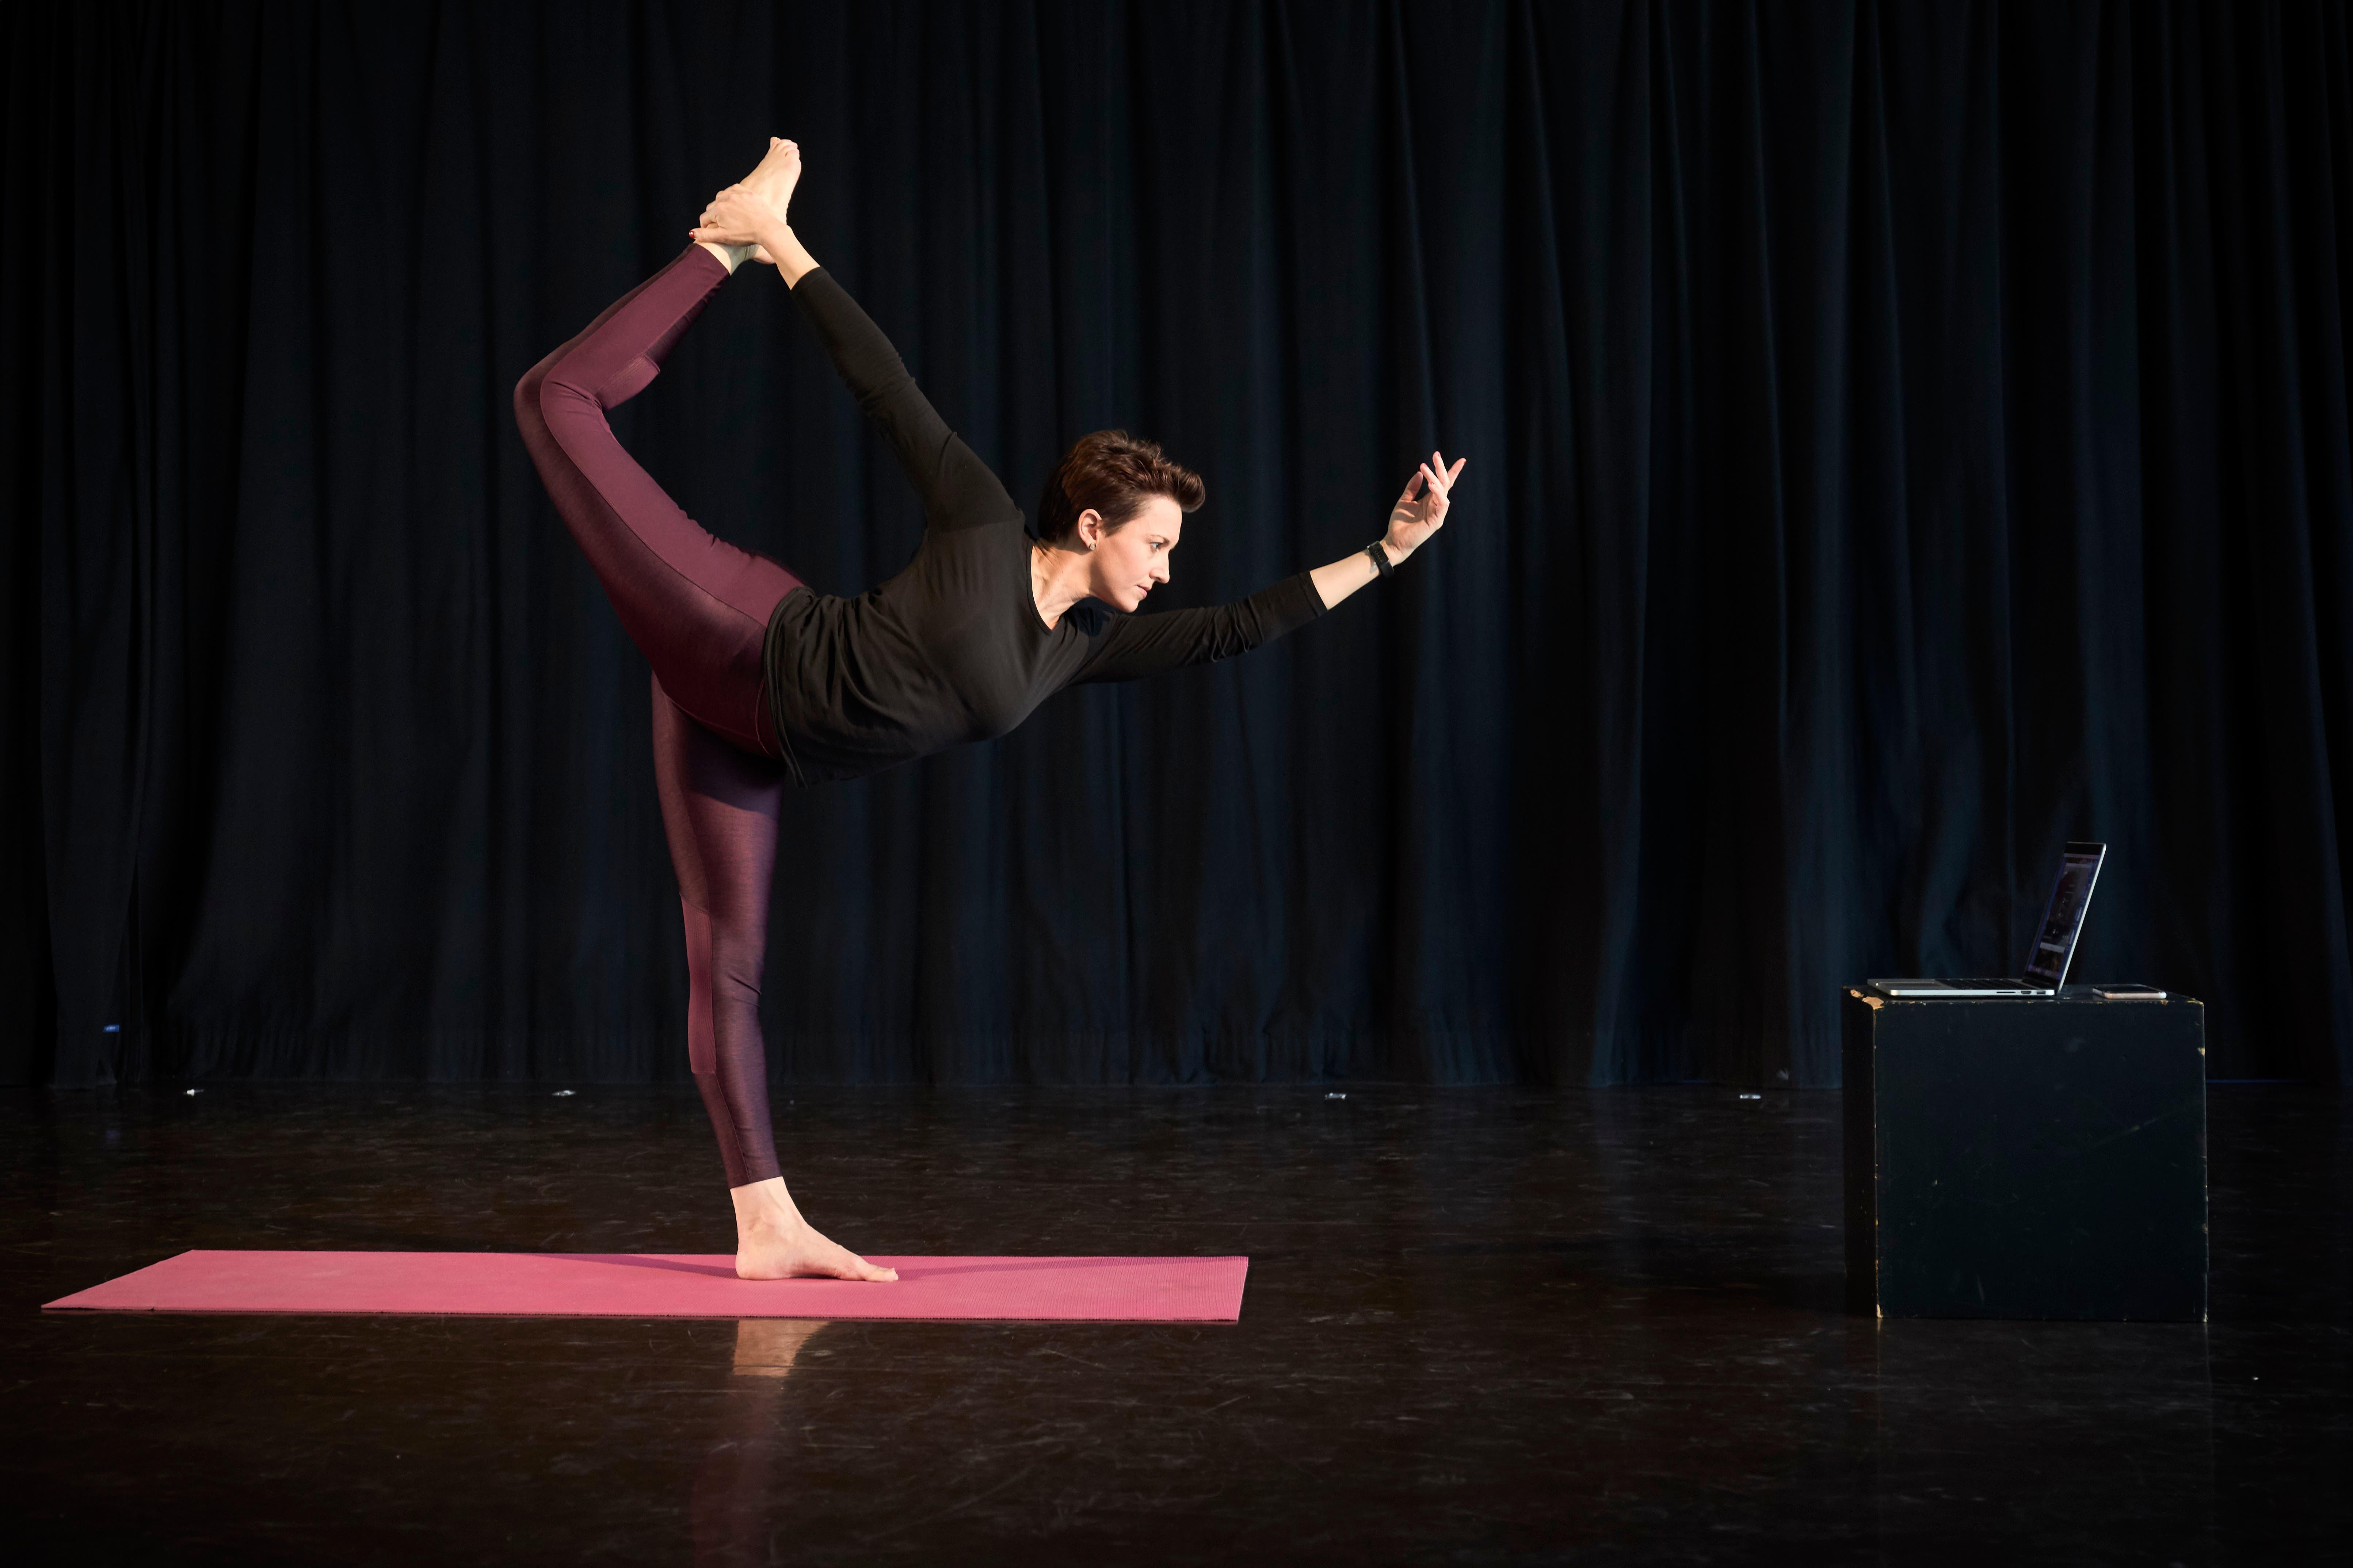 Jacqueline Heutschi (40), Choreografin und Tanzlehrerin aus Luzern: «Mehr zur Verfügung stehende Zeit kann für jeden auch eine Chance sein. Zeit bedeutet Musse, um etwas entstehen zu lassen, Ideen zu verfolgen, neue Konzepte zu entwickeln, kreative Lösungen zu finden. Dies kann man schon jetzt in vielen Lebensbereichen beobachten, was mich sehr inspiriert. Oft entsteht Schönes und Berührendes in Extremsituationen – und dies ist definitiv eine.»